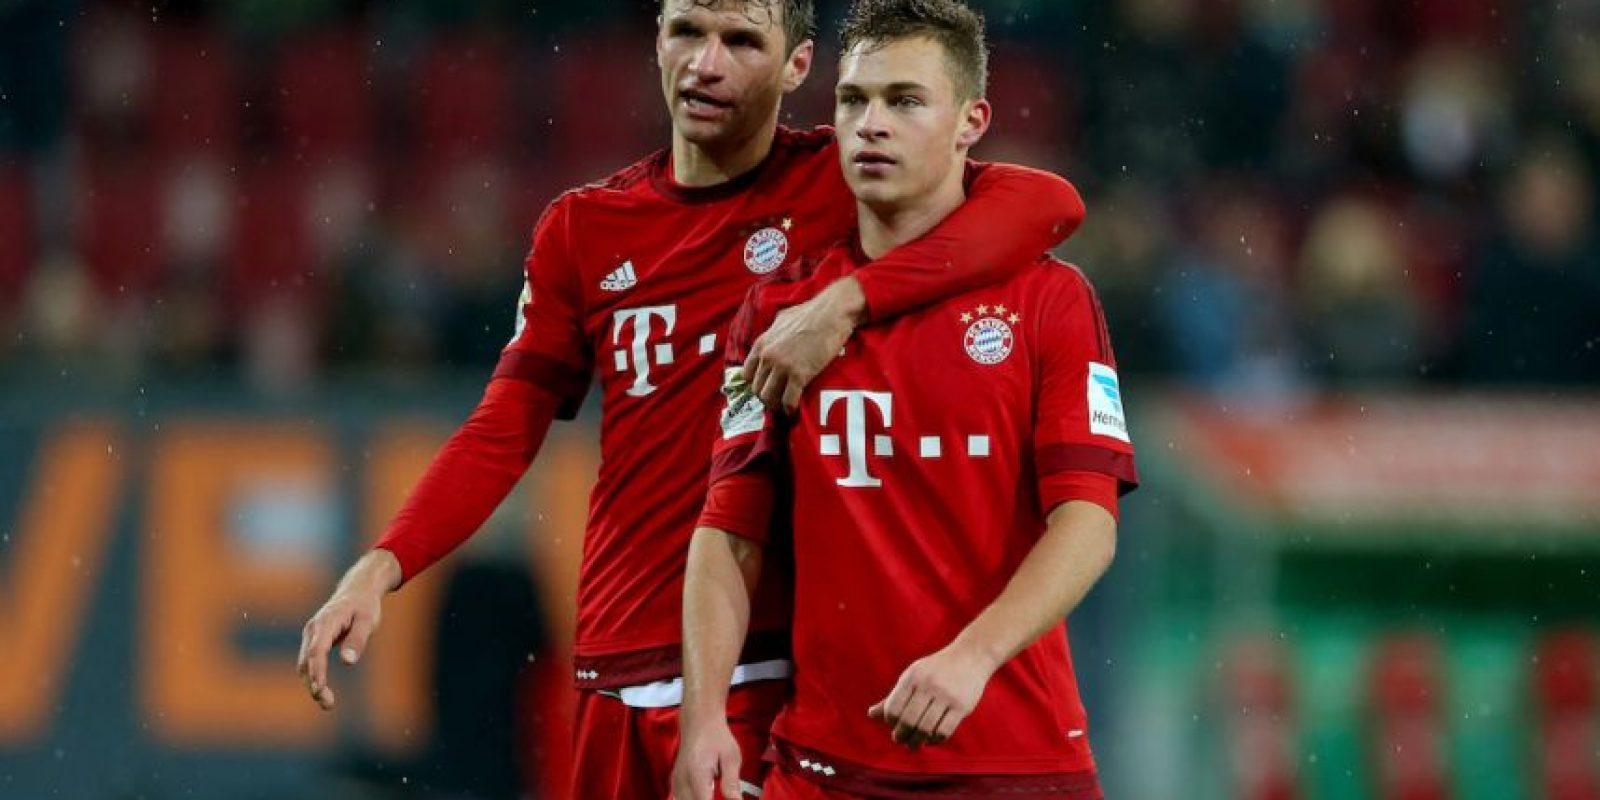 Kimmich tiene 21 años y es uno de los jóvenes valores del fútbol alemán. Foto:Getty Images